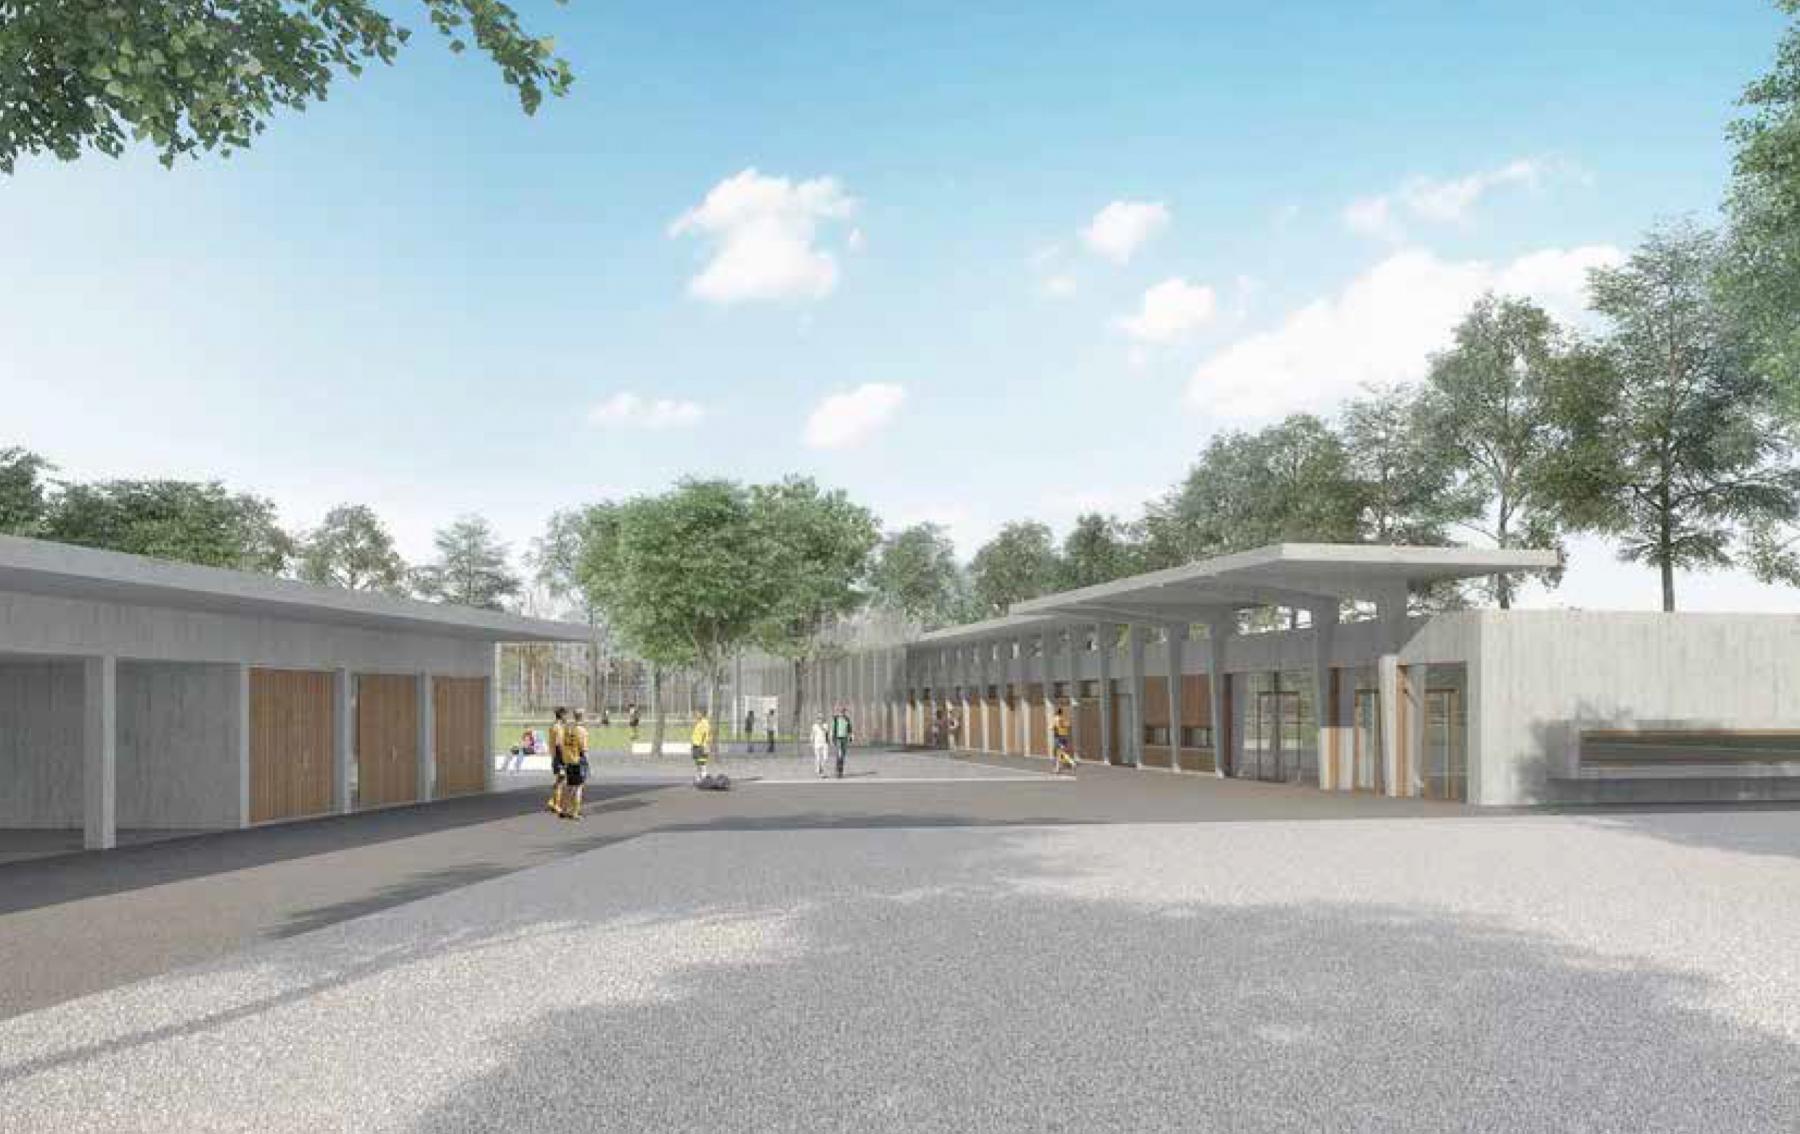 Neubau Garderobengebäude und Kunstrasenfelder Sportanlage Bodenweid, Bern, Team Arthur Huser Architekt, Aufstieg